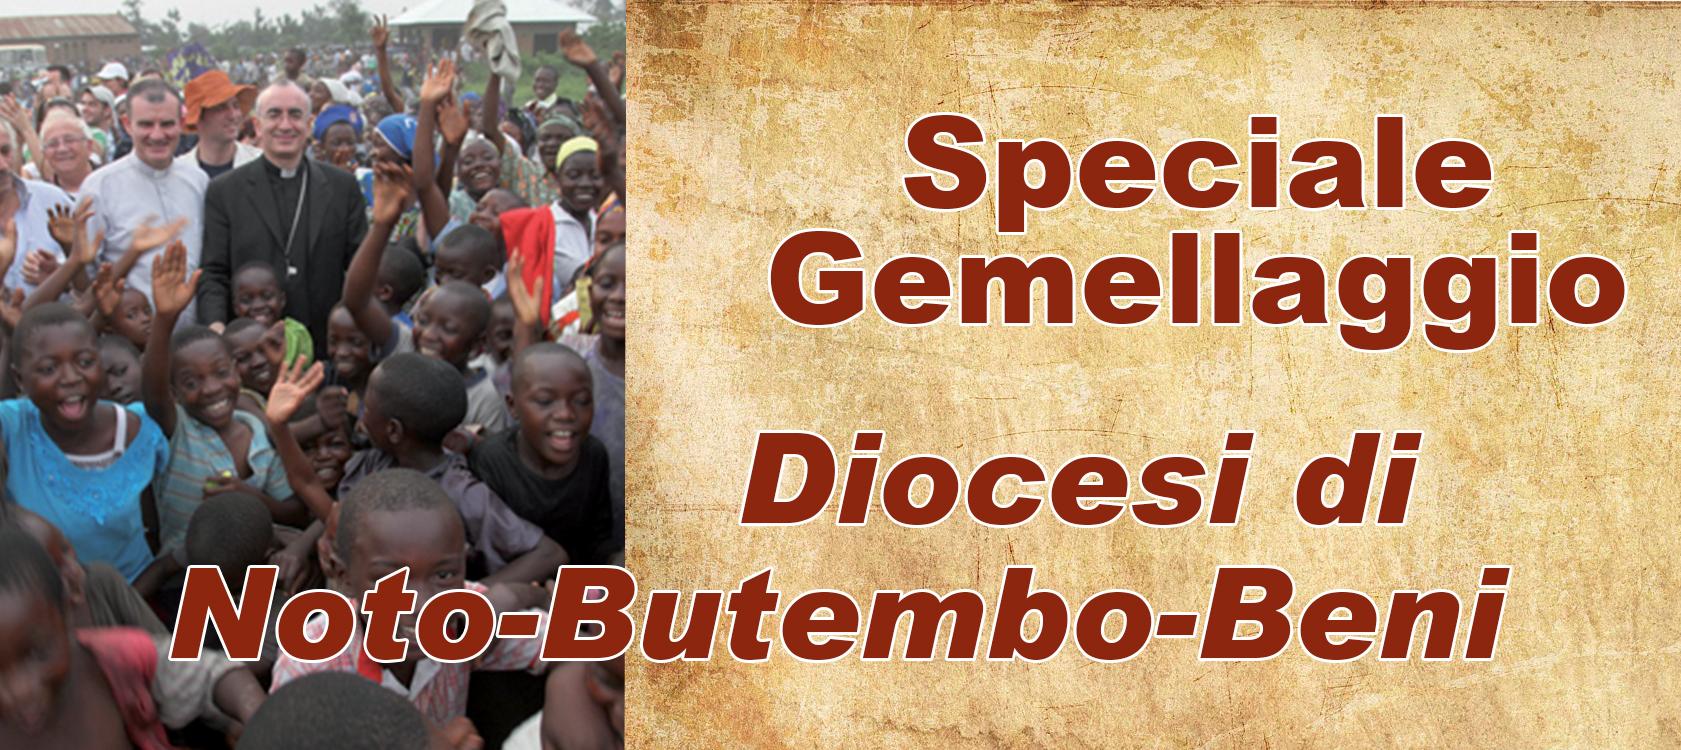 GEMELLAGGIO NOTO-BUTEMBO BENI